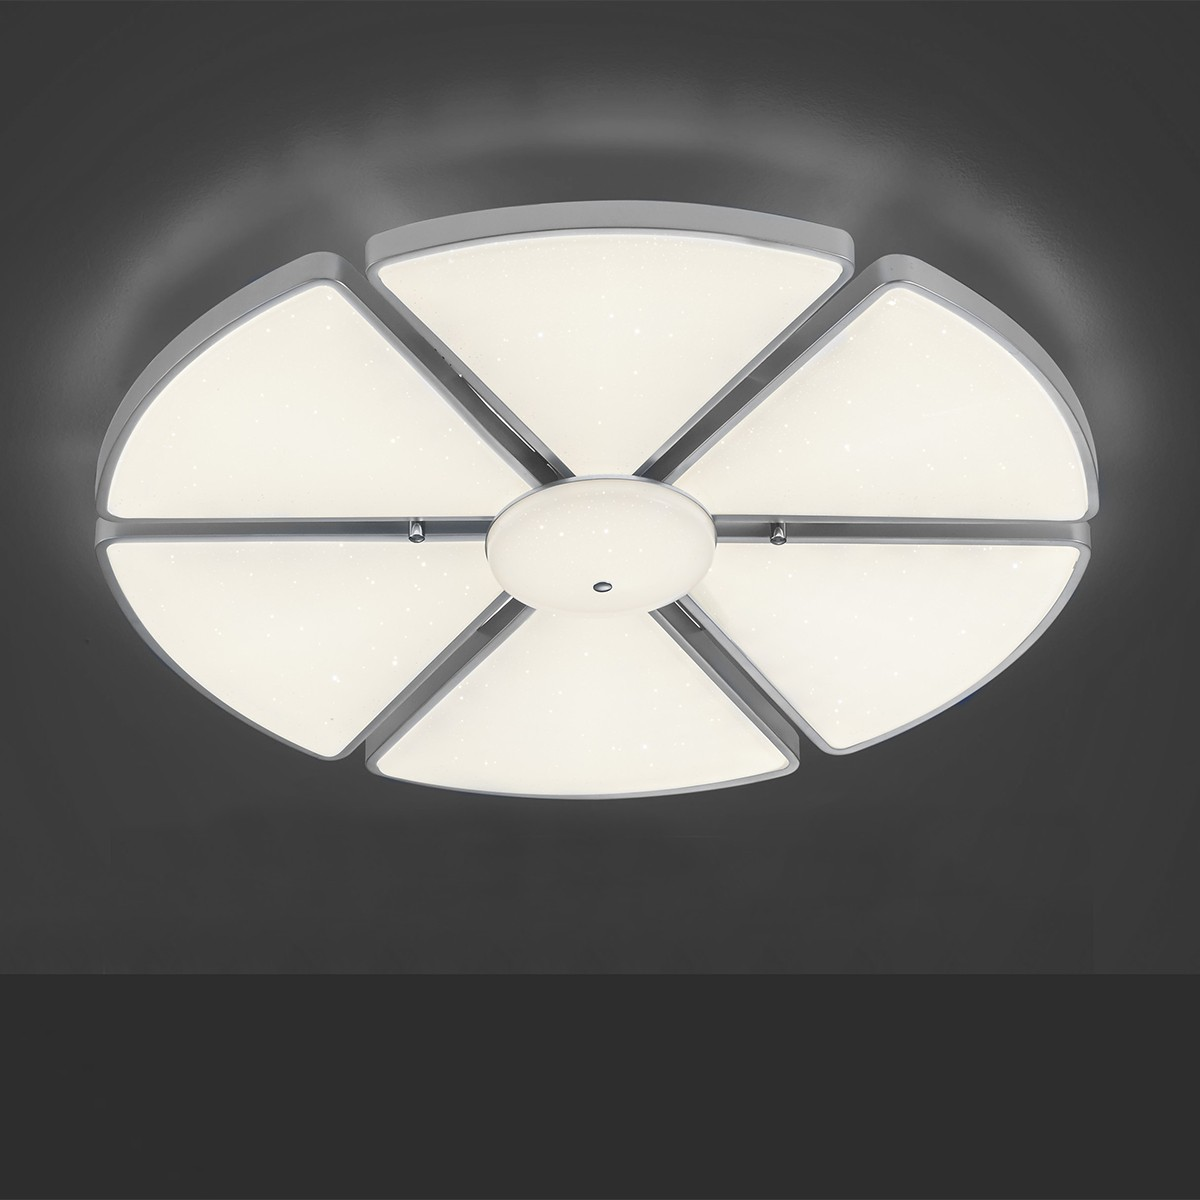 B-Leuchten Tulipano Deckenleuchte, Nickel matt